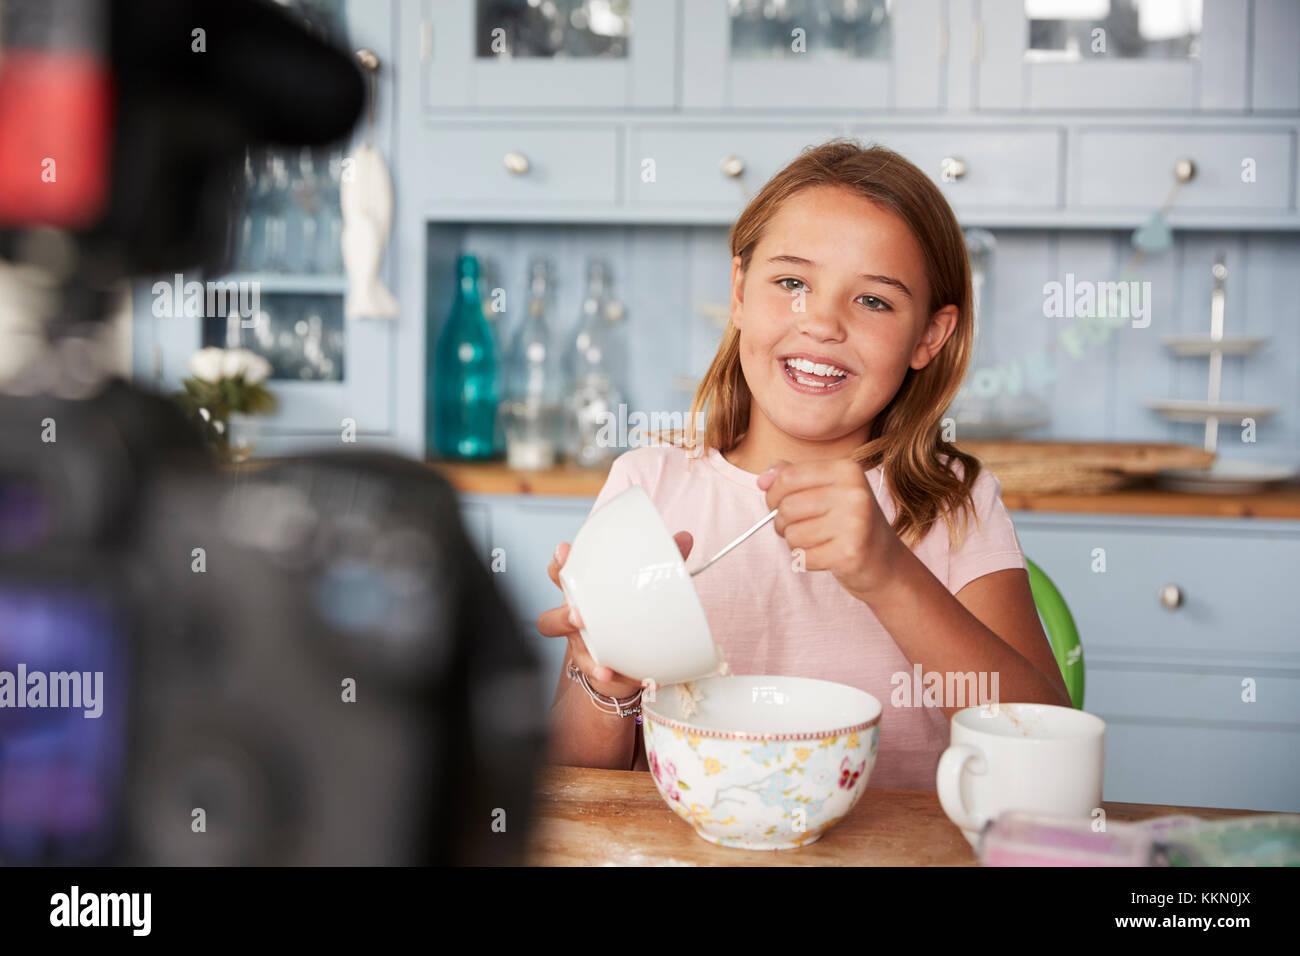 Pre-Teen Girl Video blogging in Küche Mischen von Zutaten Stockbild